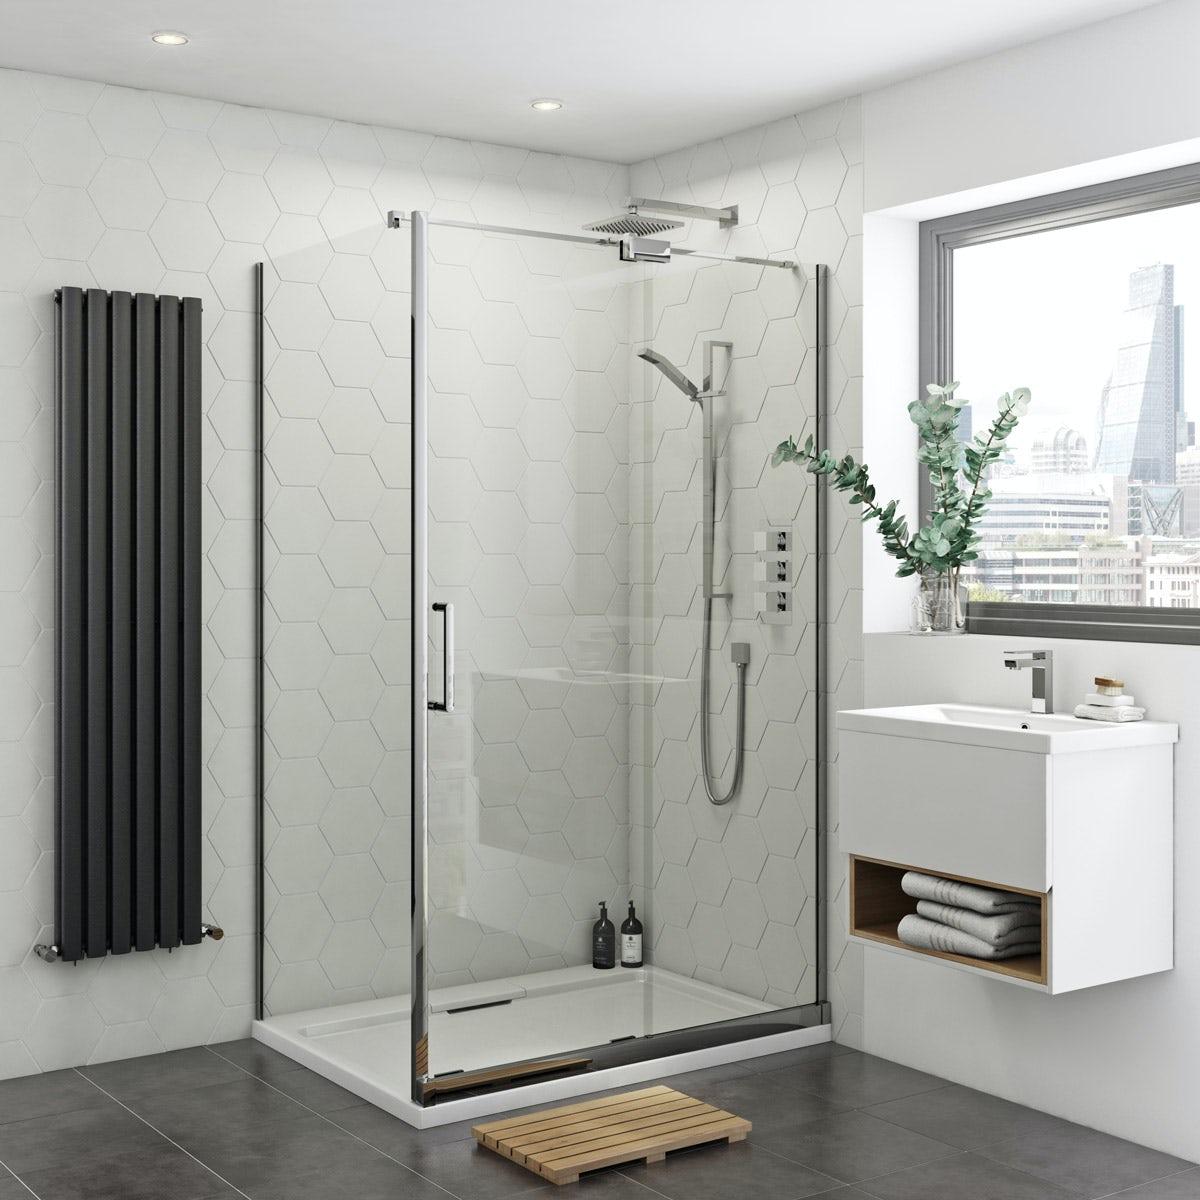 Mode Ellis 8mm easy clean right handed frameless sliding shower enclosure 1200 x 800